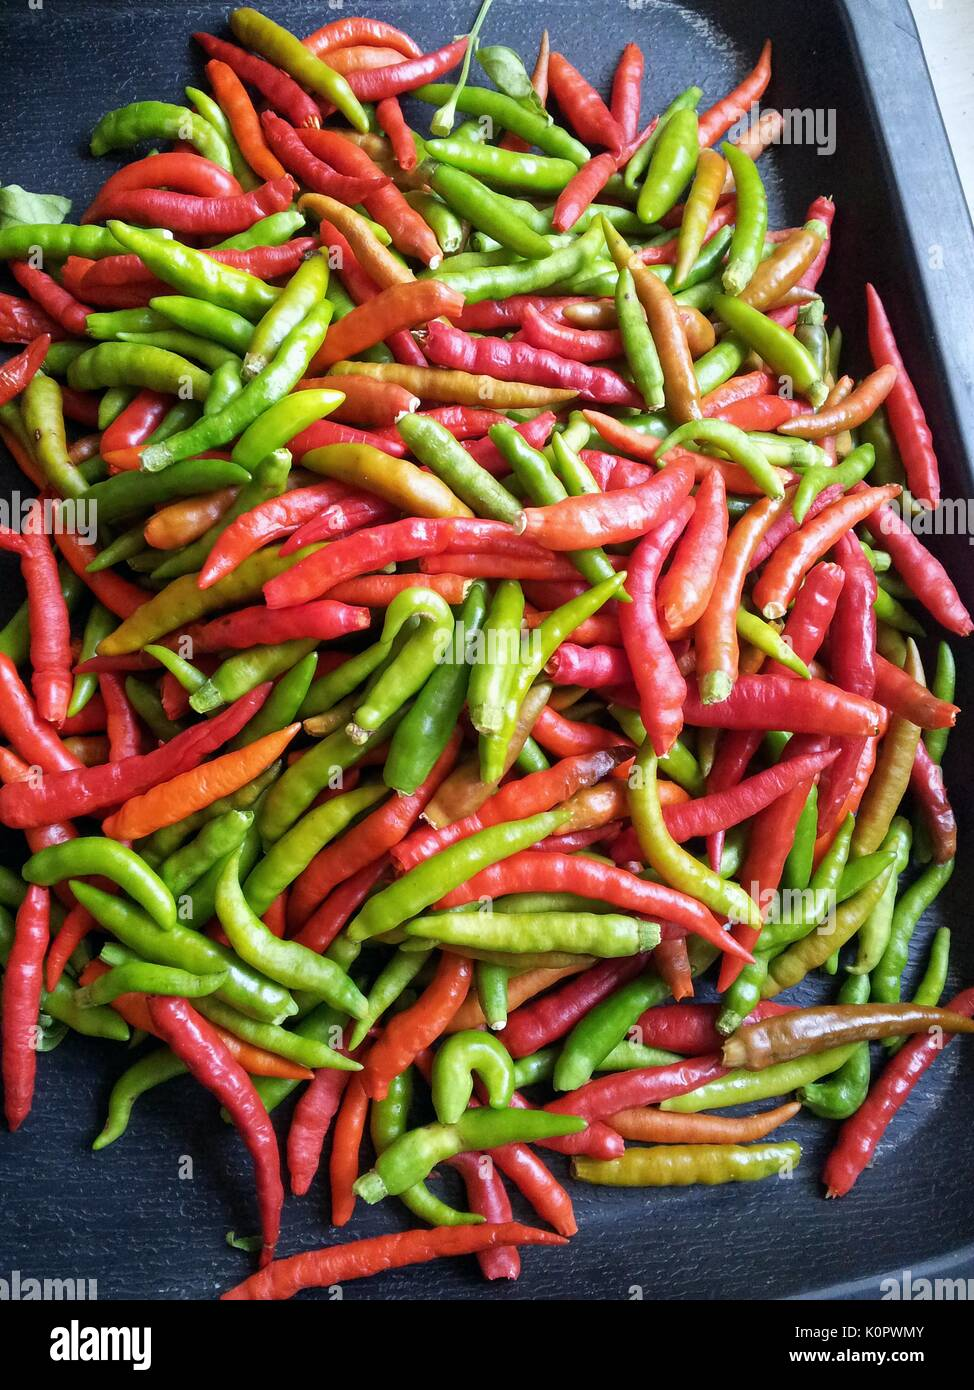 Le fruit de l'oiseau du chili est populairement utilisé comme épice dans la cuisine du sud-est asiatique. Photo Stock